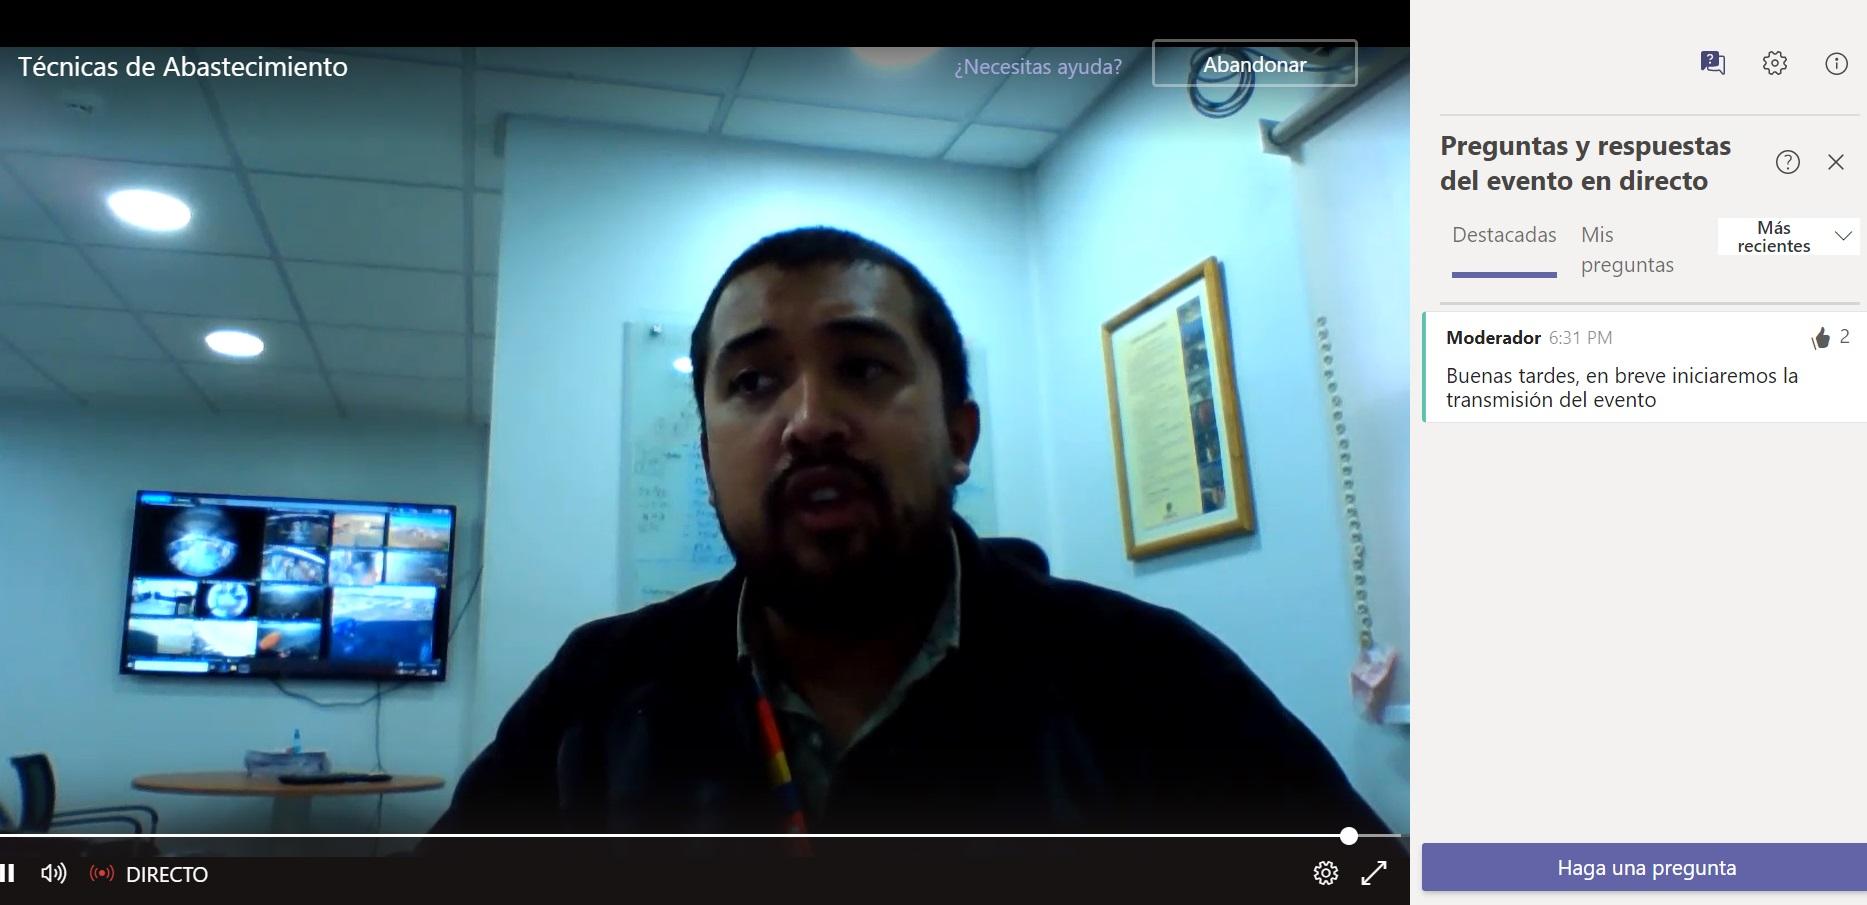 CFT y Codelco realizan charla de abastecimiento a estudiantes de logística